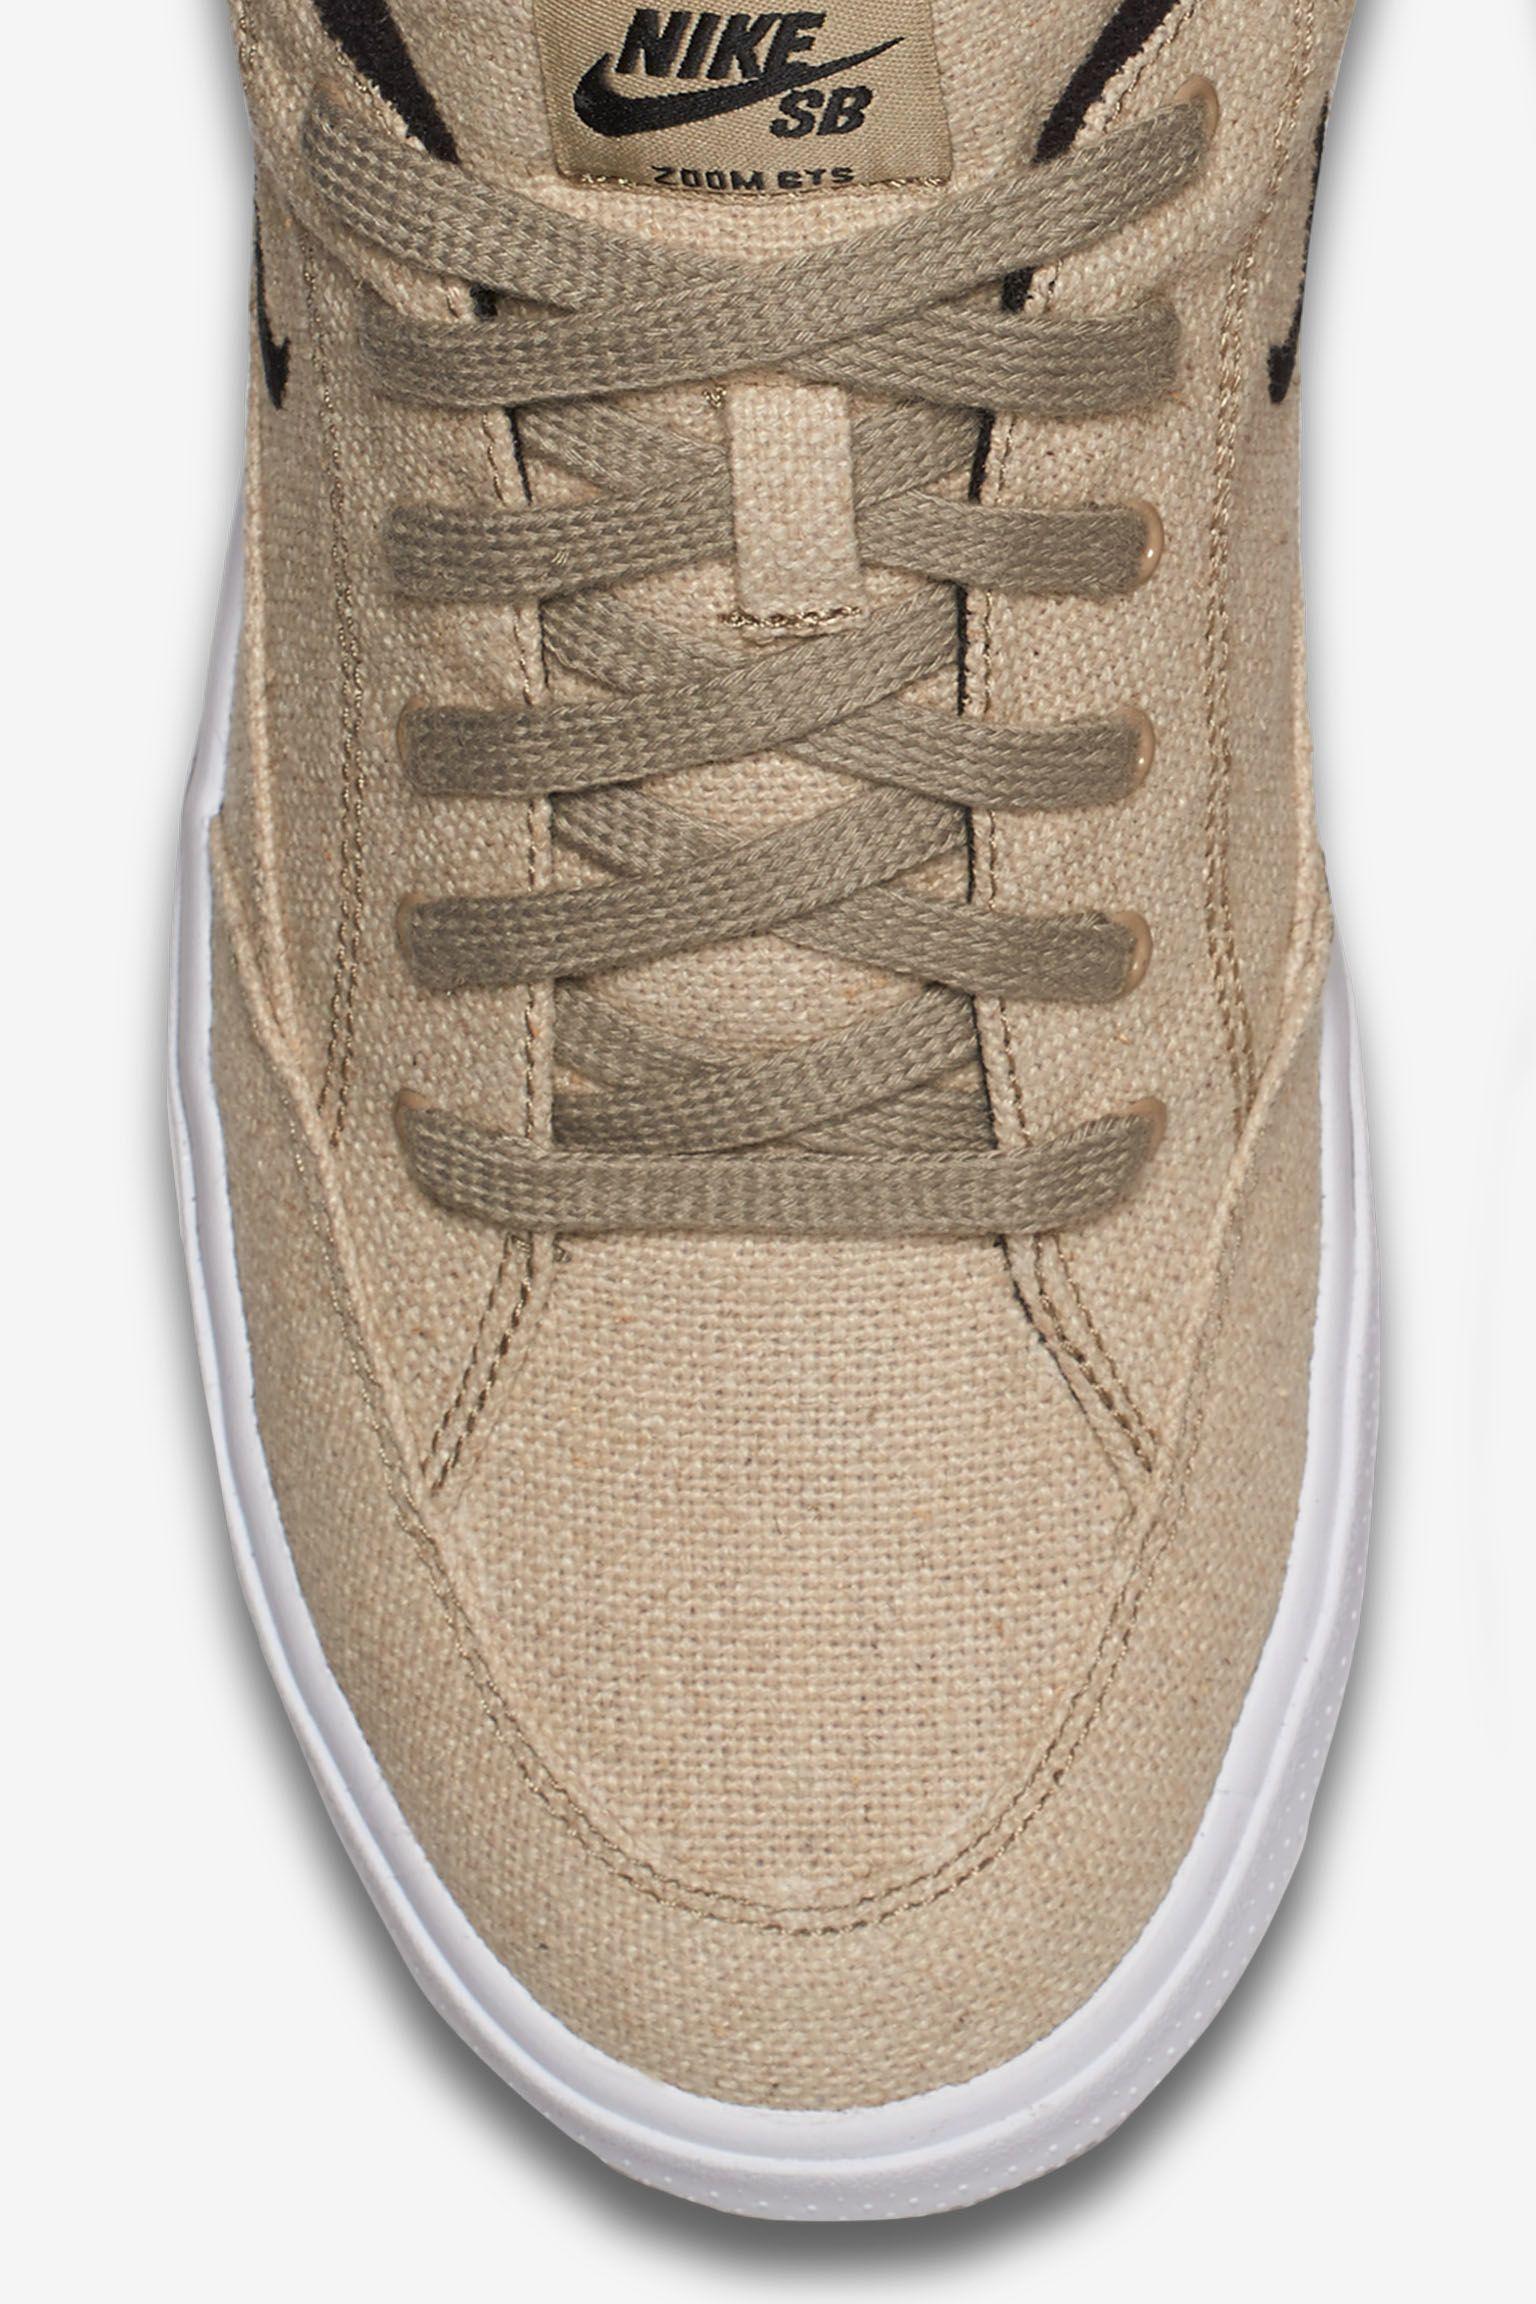 Nike SB Zoom GTS 'Rustic'